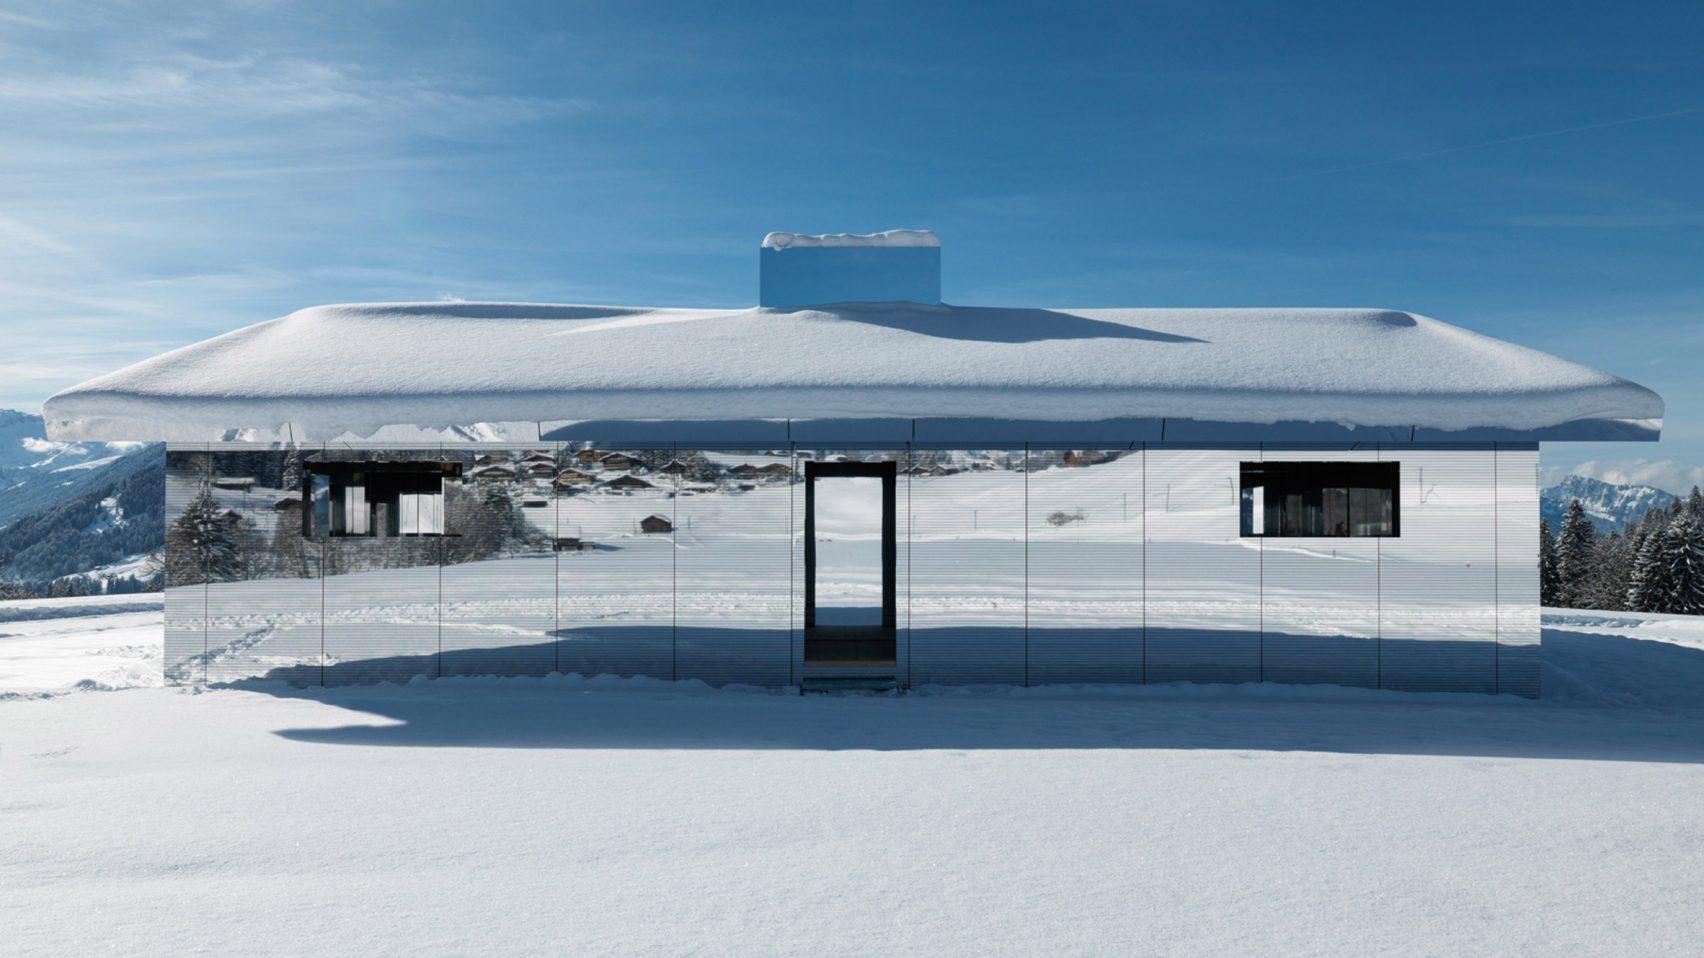 Mirage Gstaad / www.dezeen.com